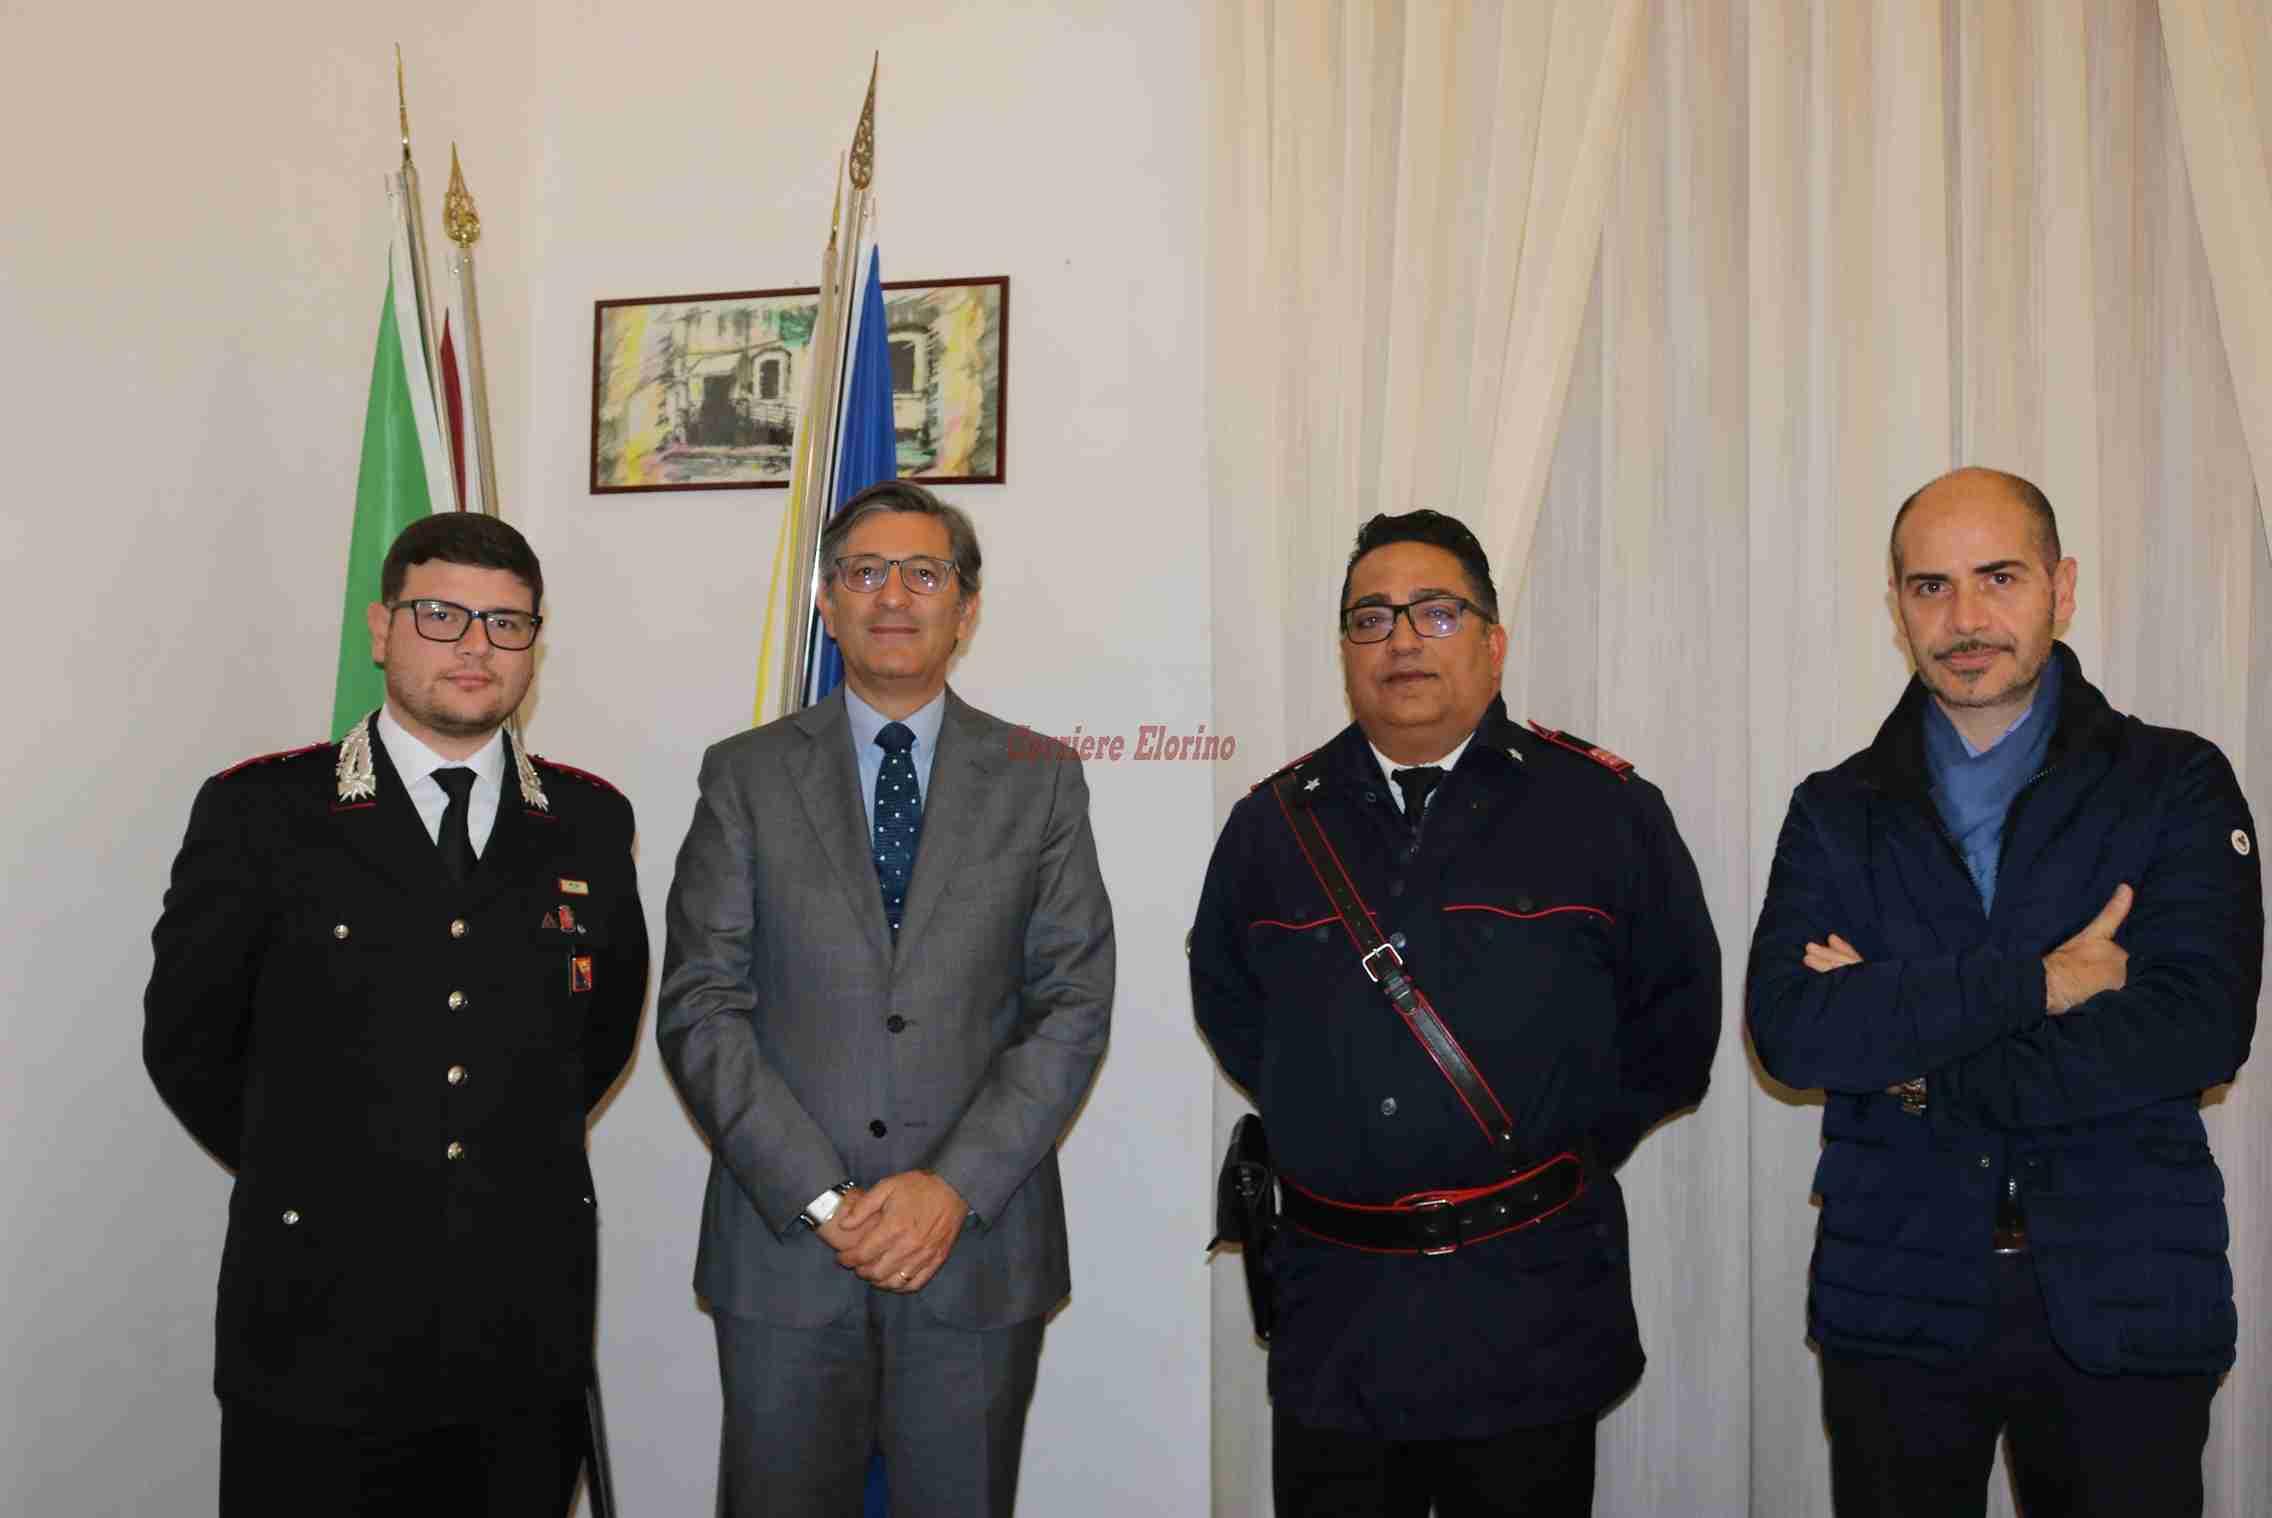 Il nuovo Comandante della Compagnia Carabinieri di Noto  in visita di cortesia  a Palazzo di Città